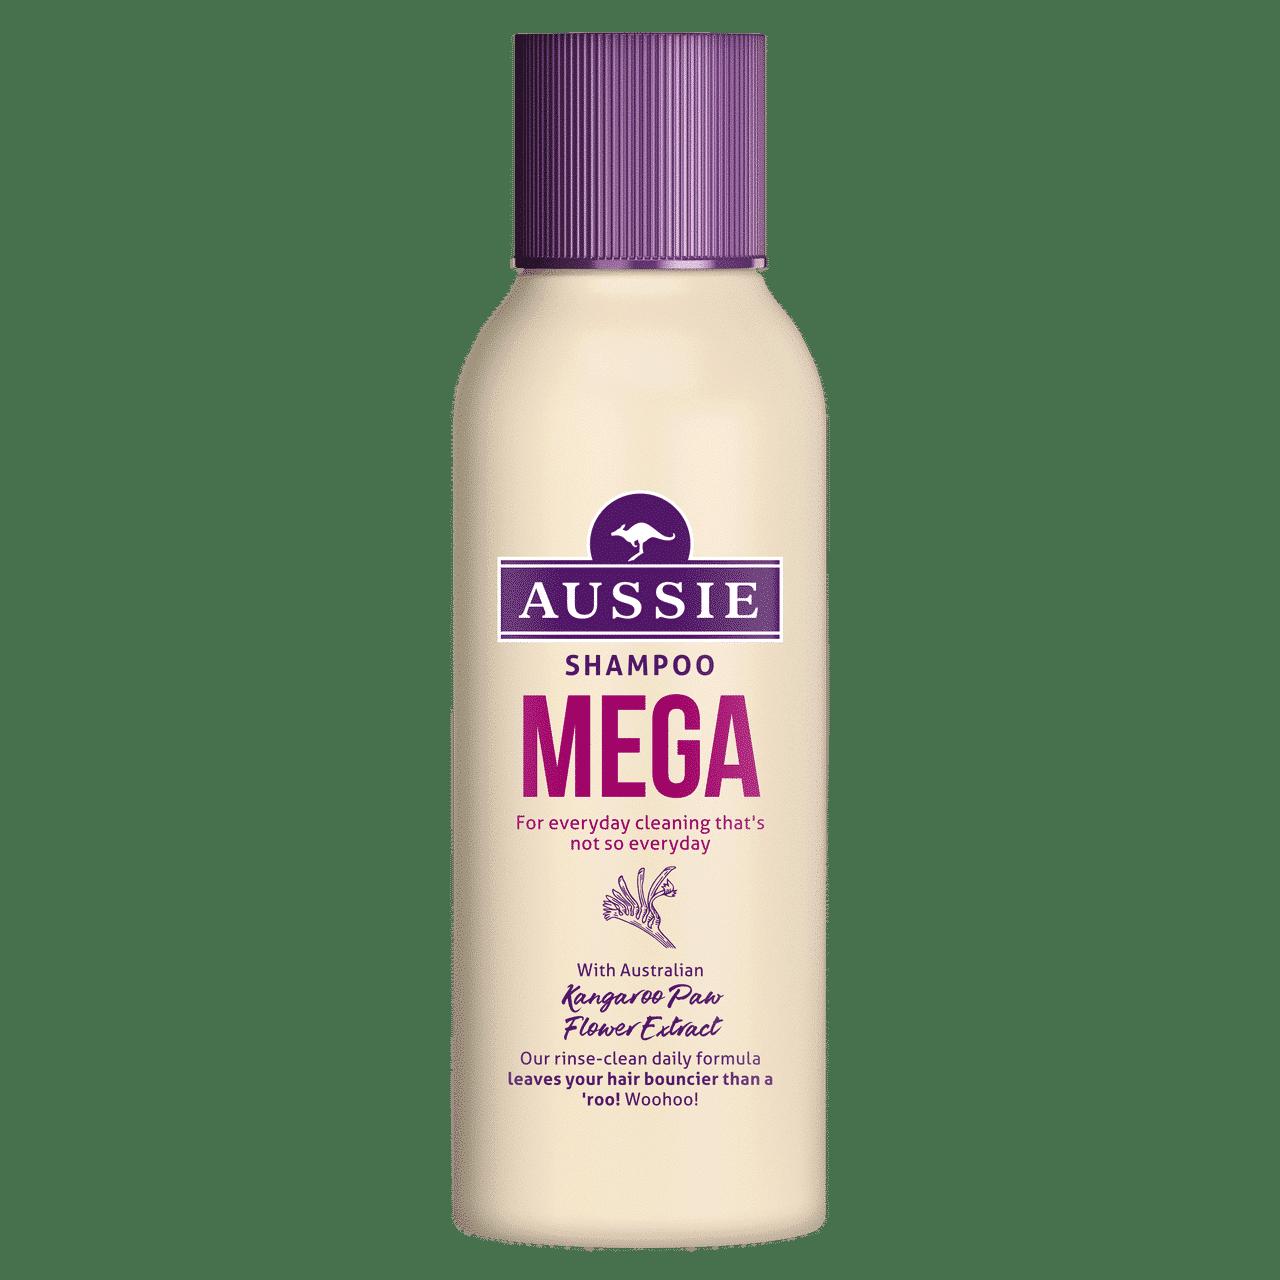 Aussie Mega Shampoo 90ml (TRAVEL SIZE)